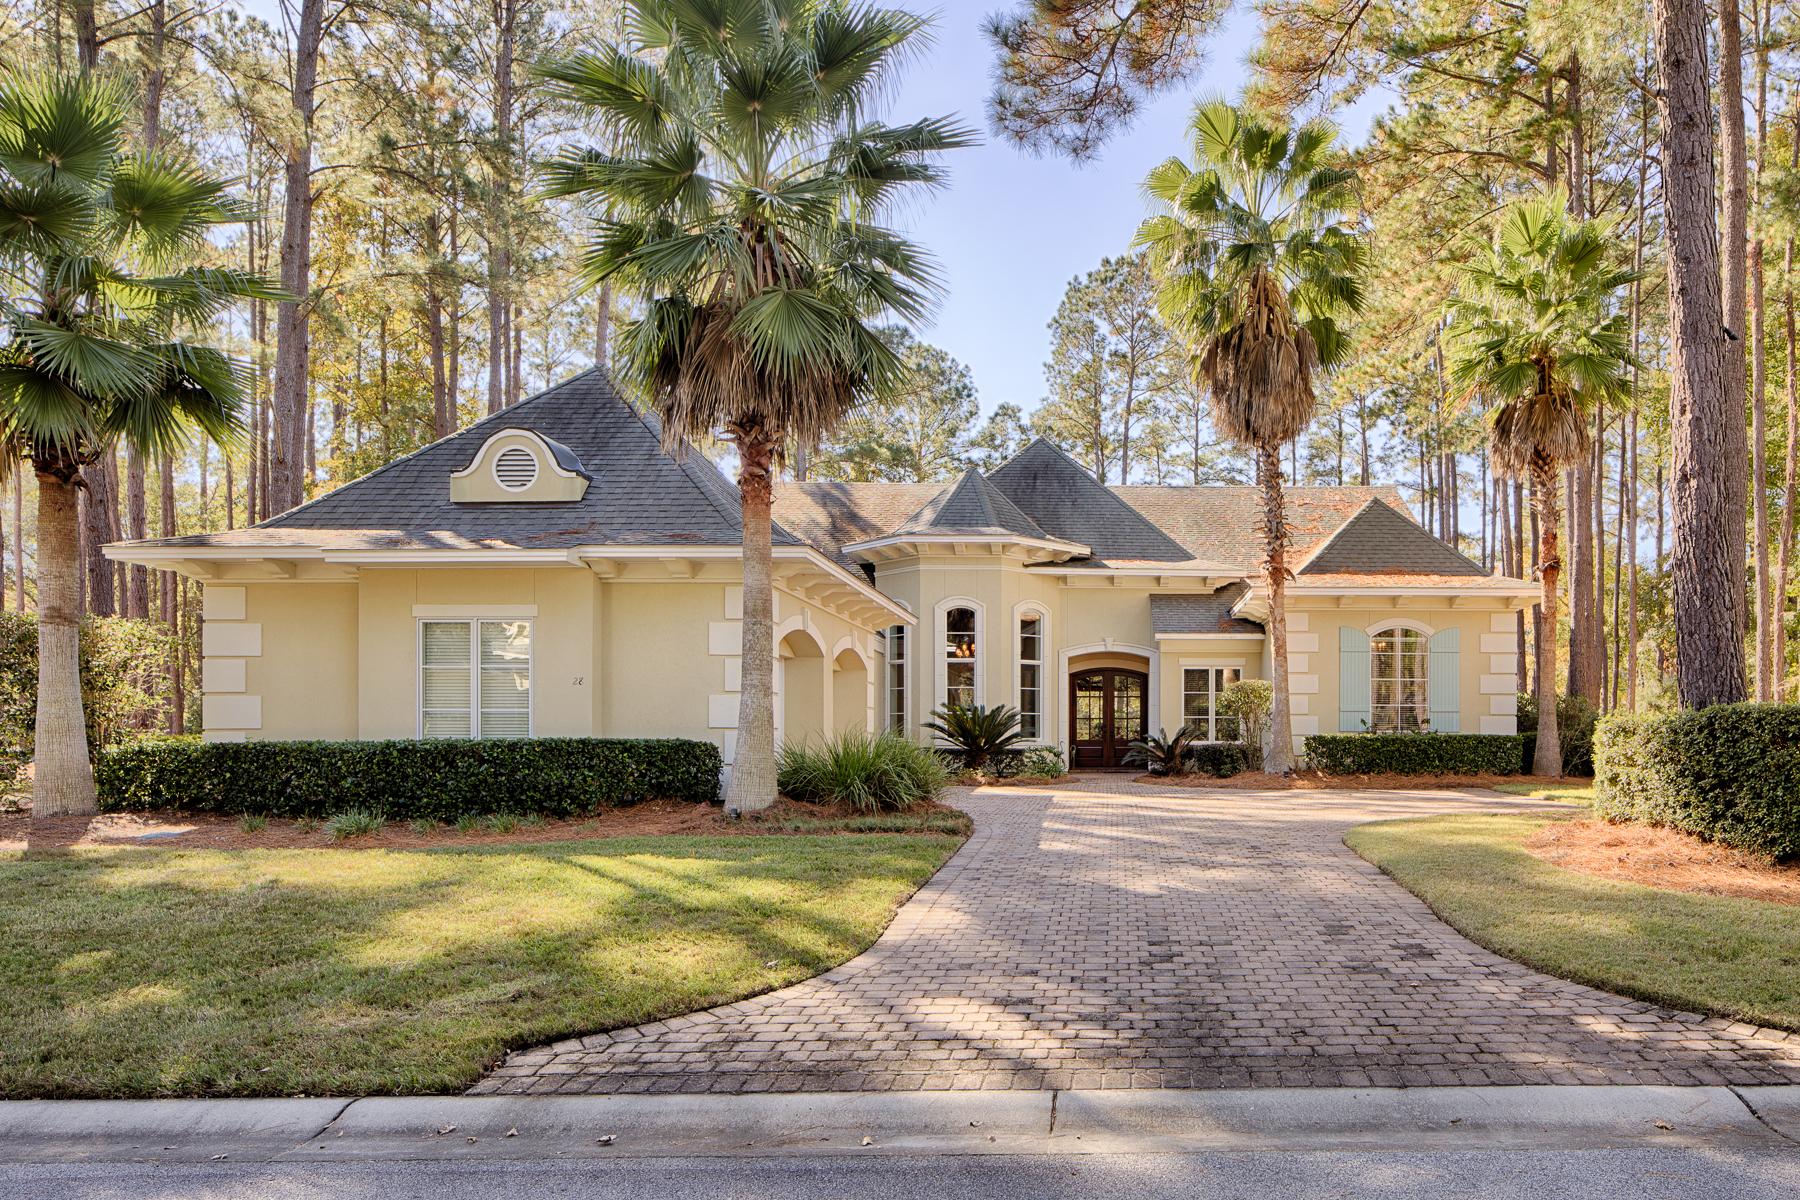 Частный односемейный дом для того Продажа на 28 Bellereve Drive Okatie, Южная Каролина, 29909 Соединенные Штаты